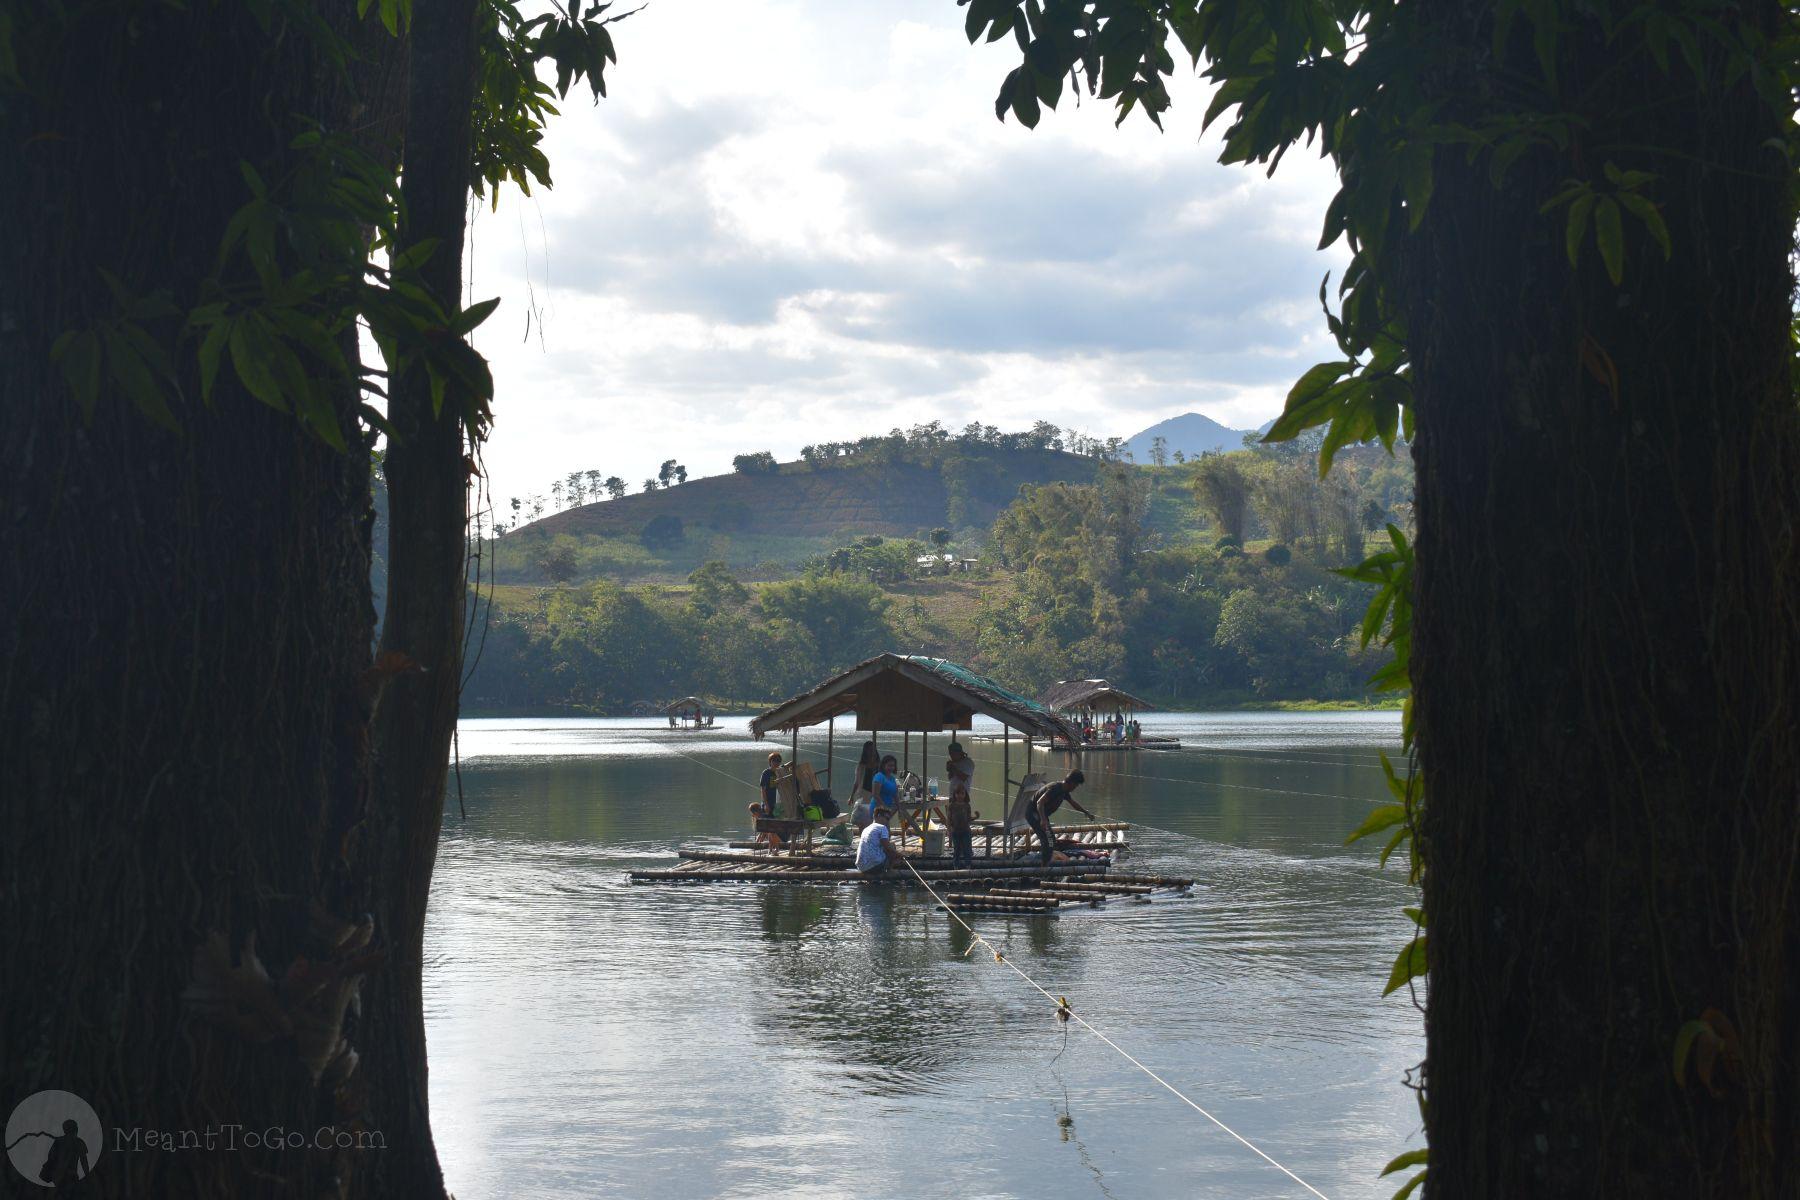 lake apo, valencia city, bukidnon, philippines